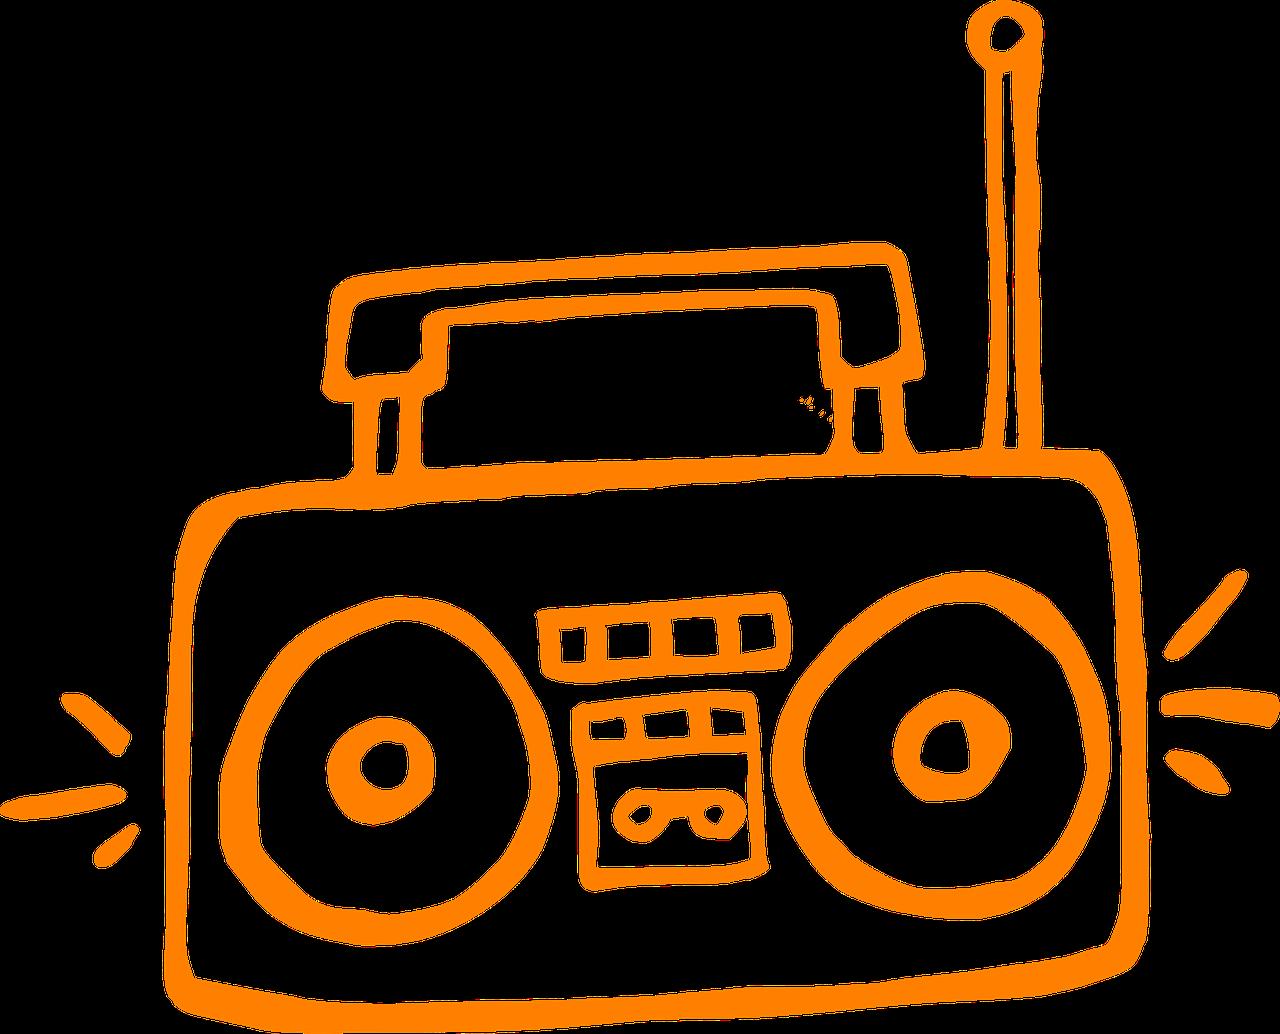 רדיו מצויר